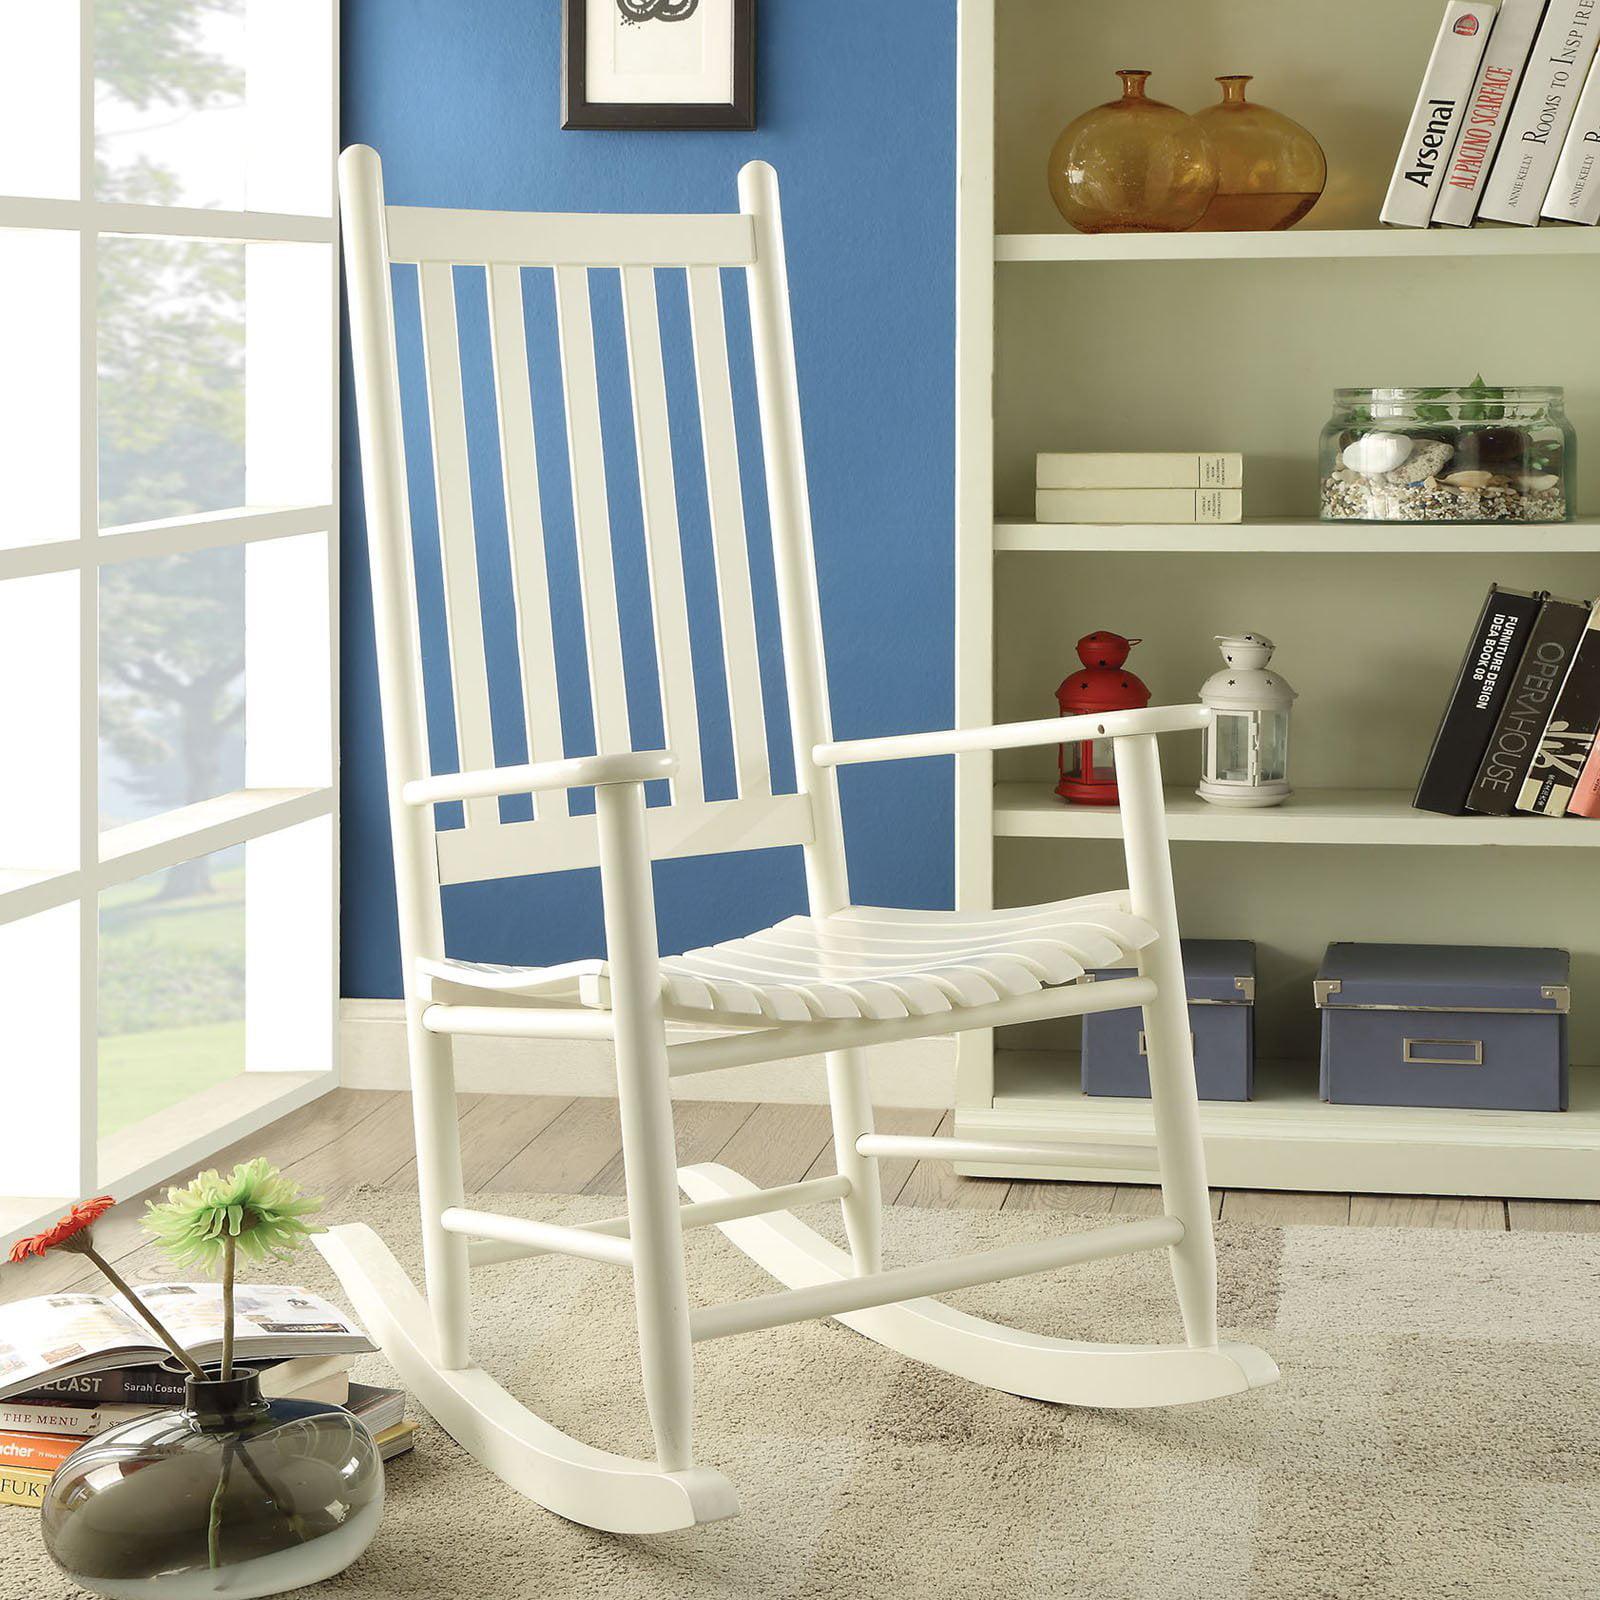 ACME Laik Mission Rocking Chair, Multiple Colors